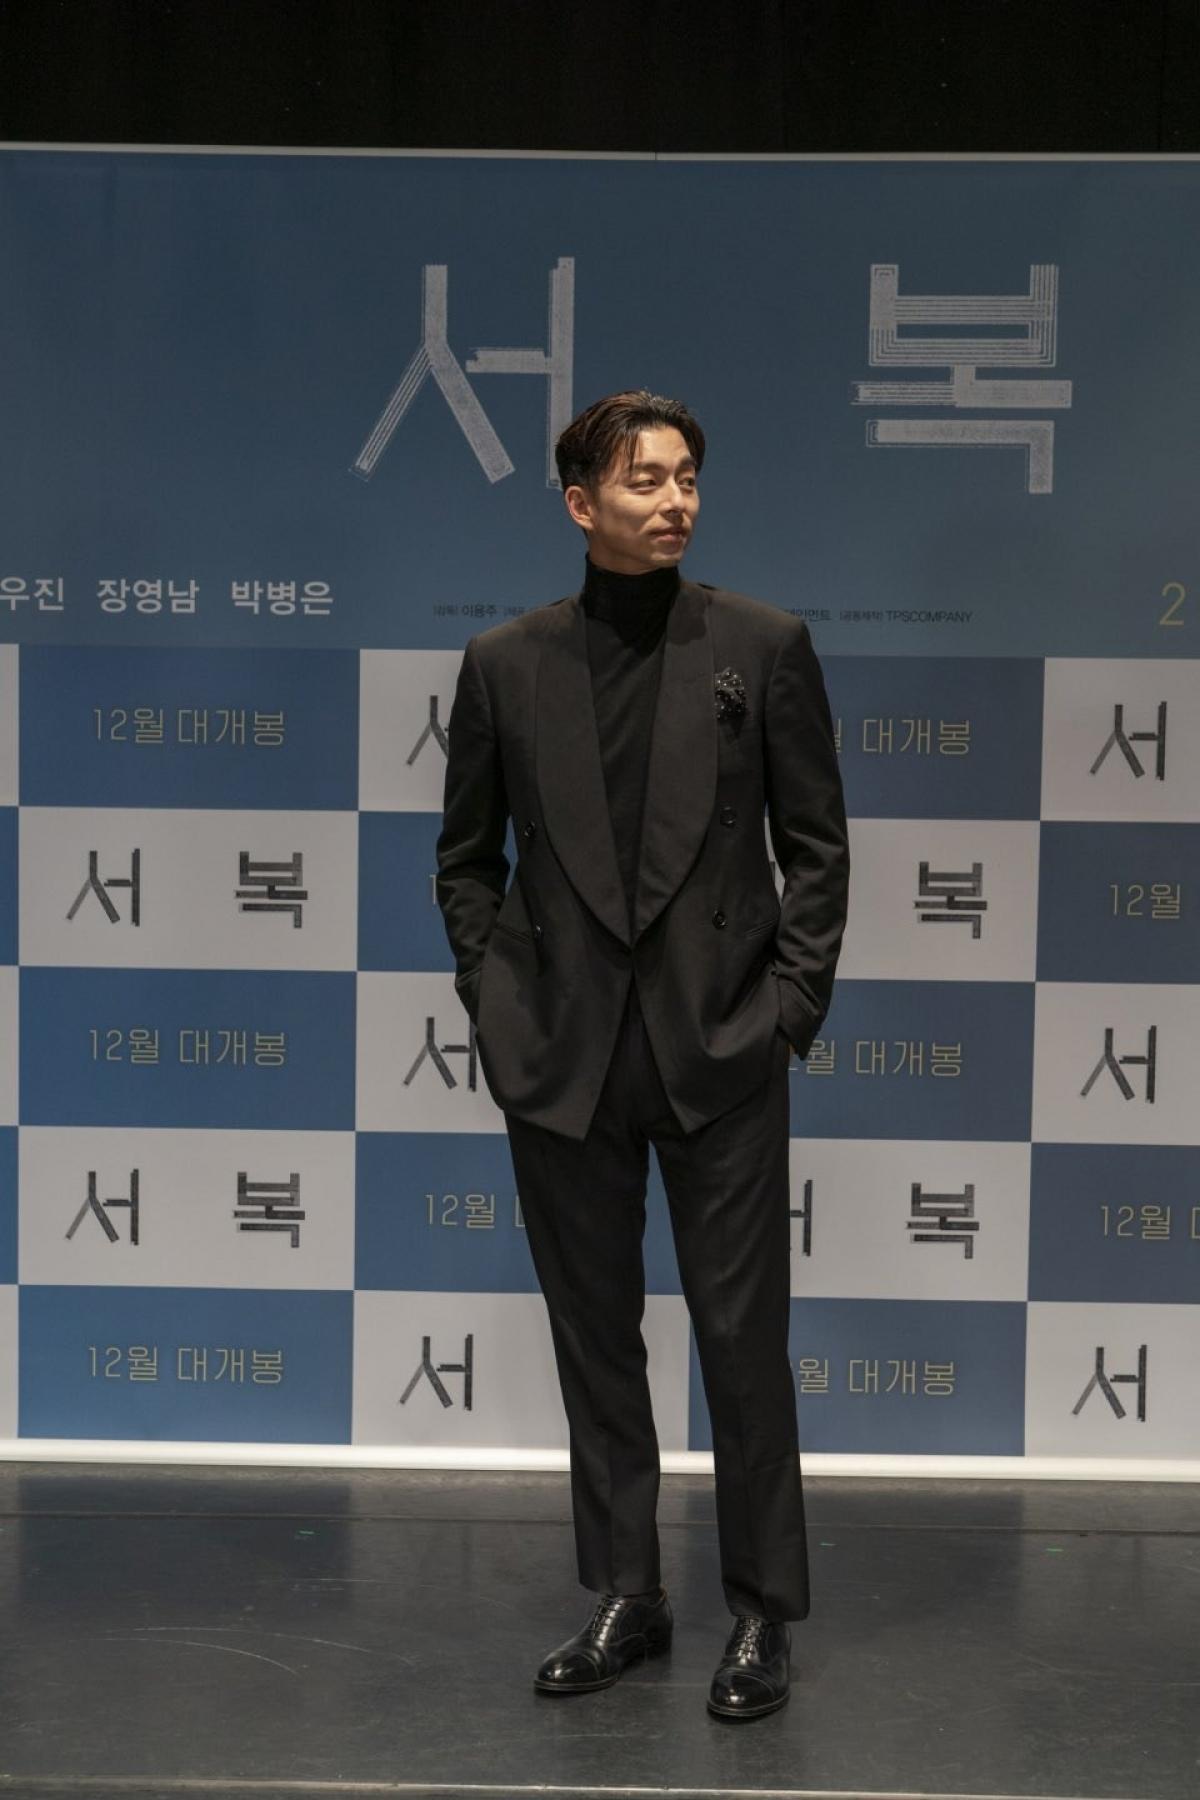 """""""Seo Bok"""" đánh dấu lần đầu tiên hợp tác giữa Park Bo Gum và Gong Yoo. Tuy nhiên nam diễn viên Park Bo Gum do đã lên đường thực hiện nghĩa vụ quân sự nênkhông thể tham gia sự kiện lần này."""